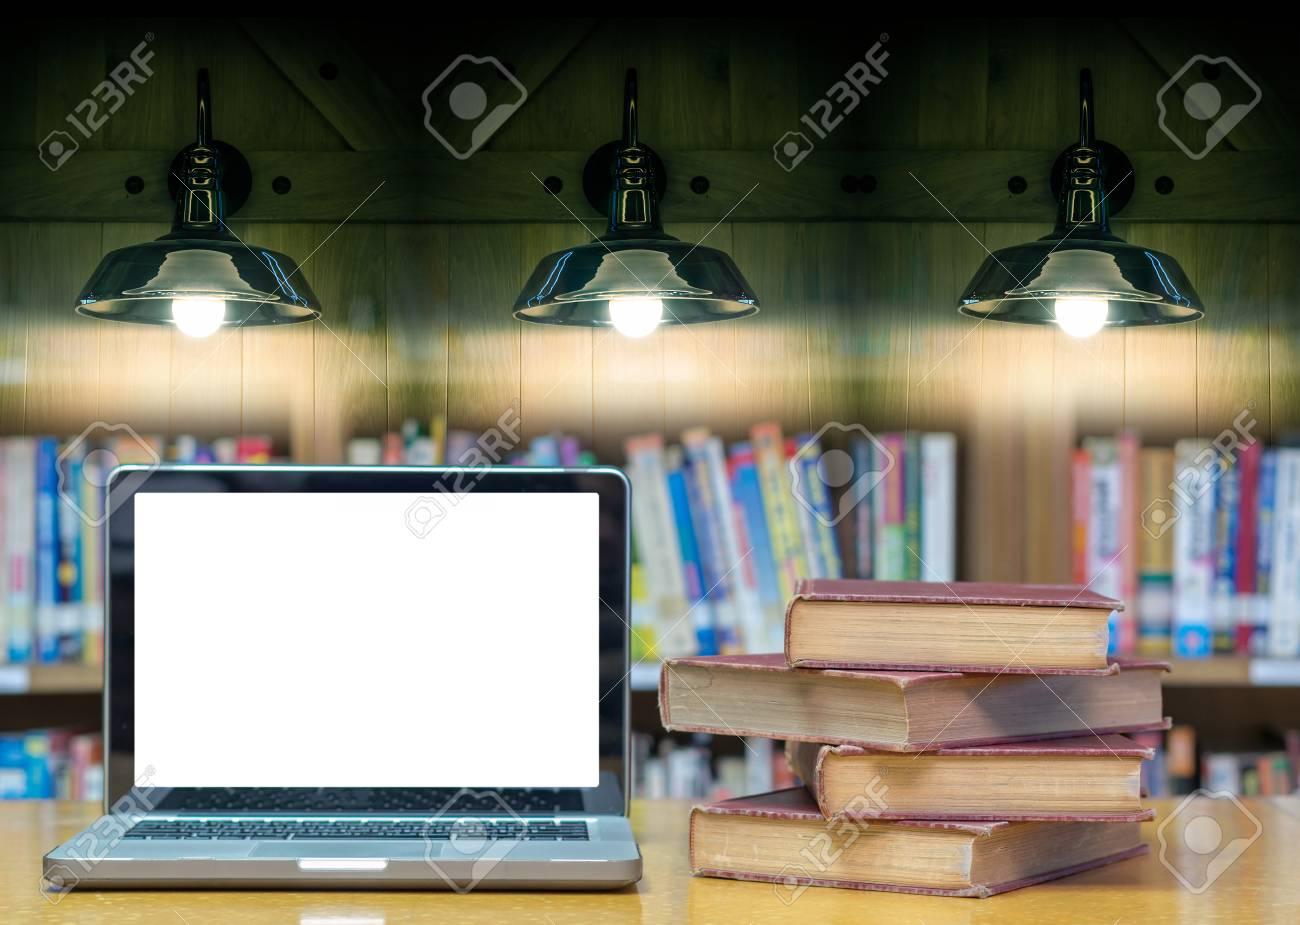 Vieux Livre Sur Le Bureau Dans La Bibliotheque Avec Ordinateur